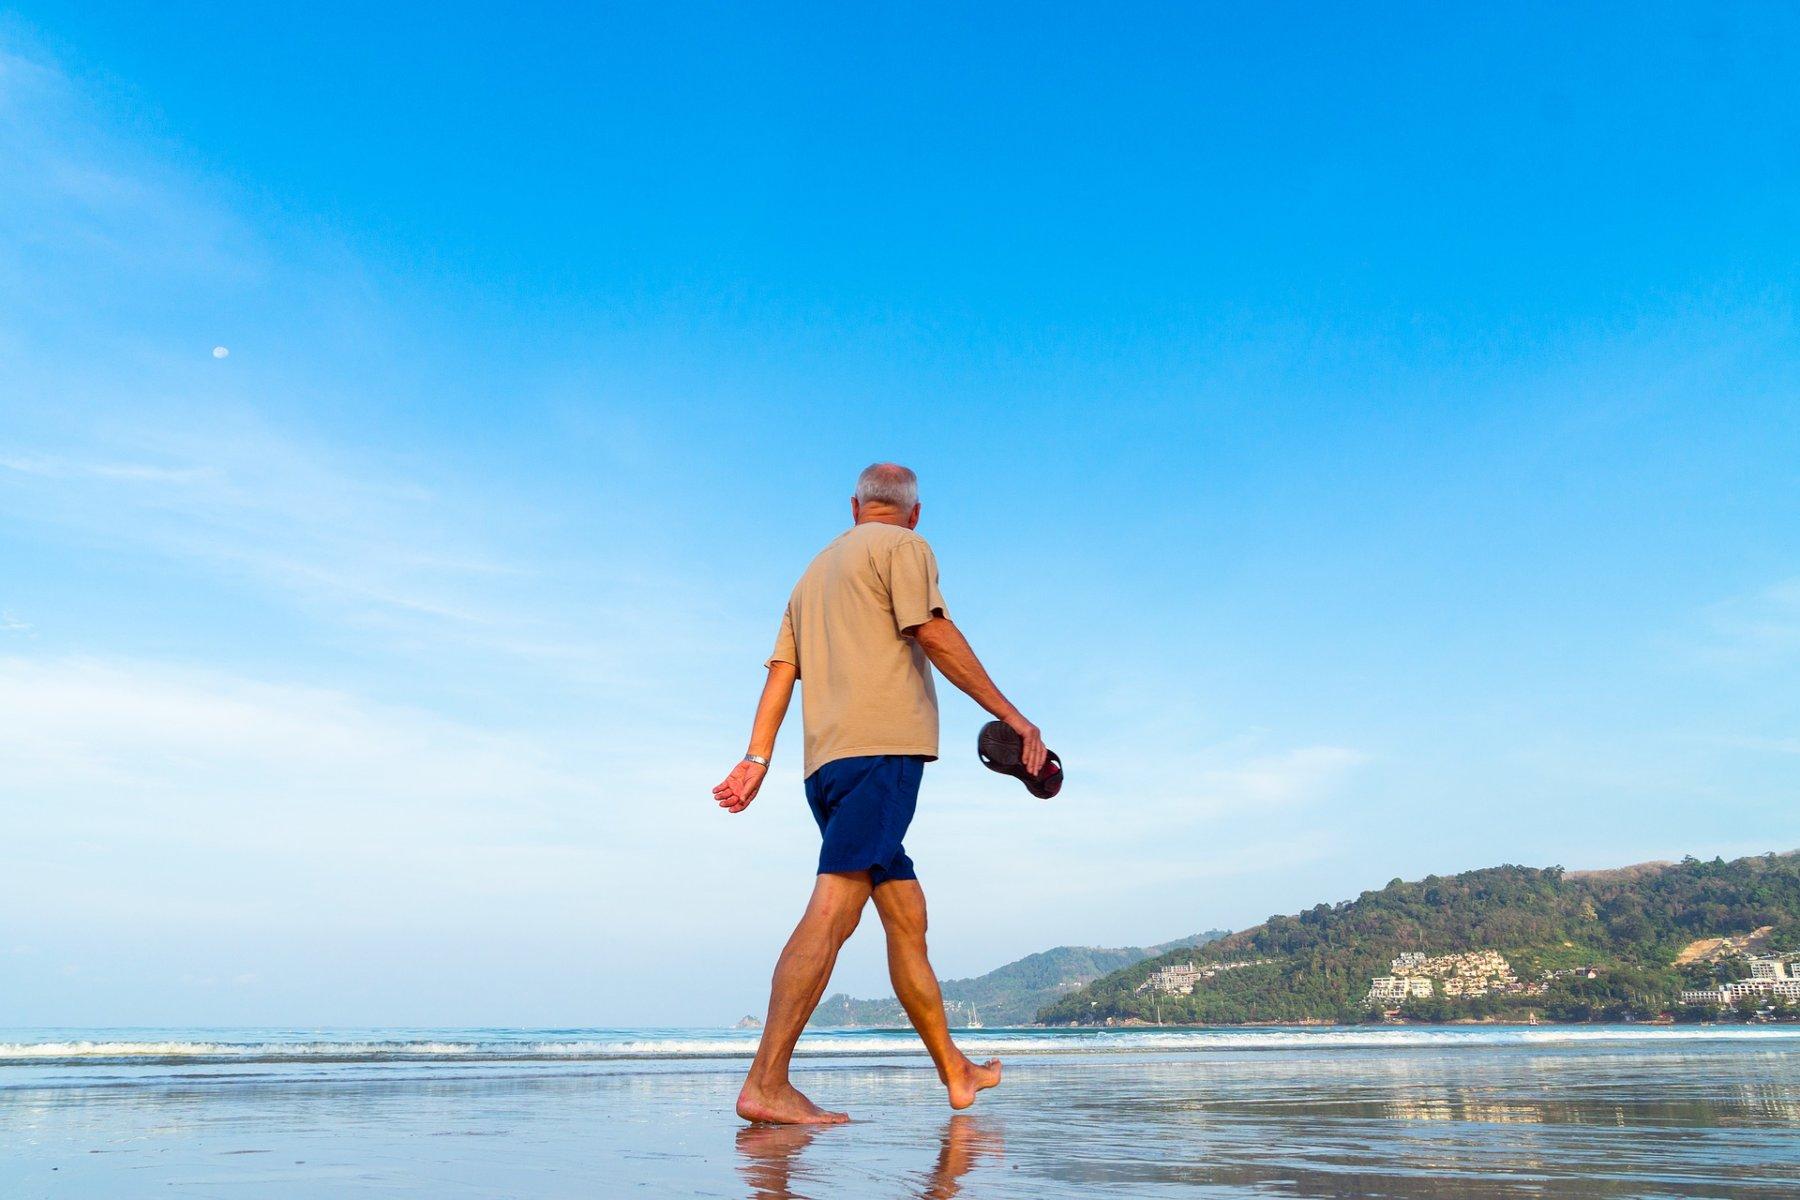 El ejercicio suave puede ser muy recomendable, sobre todo en la tercera edad.